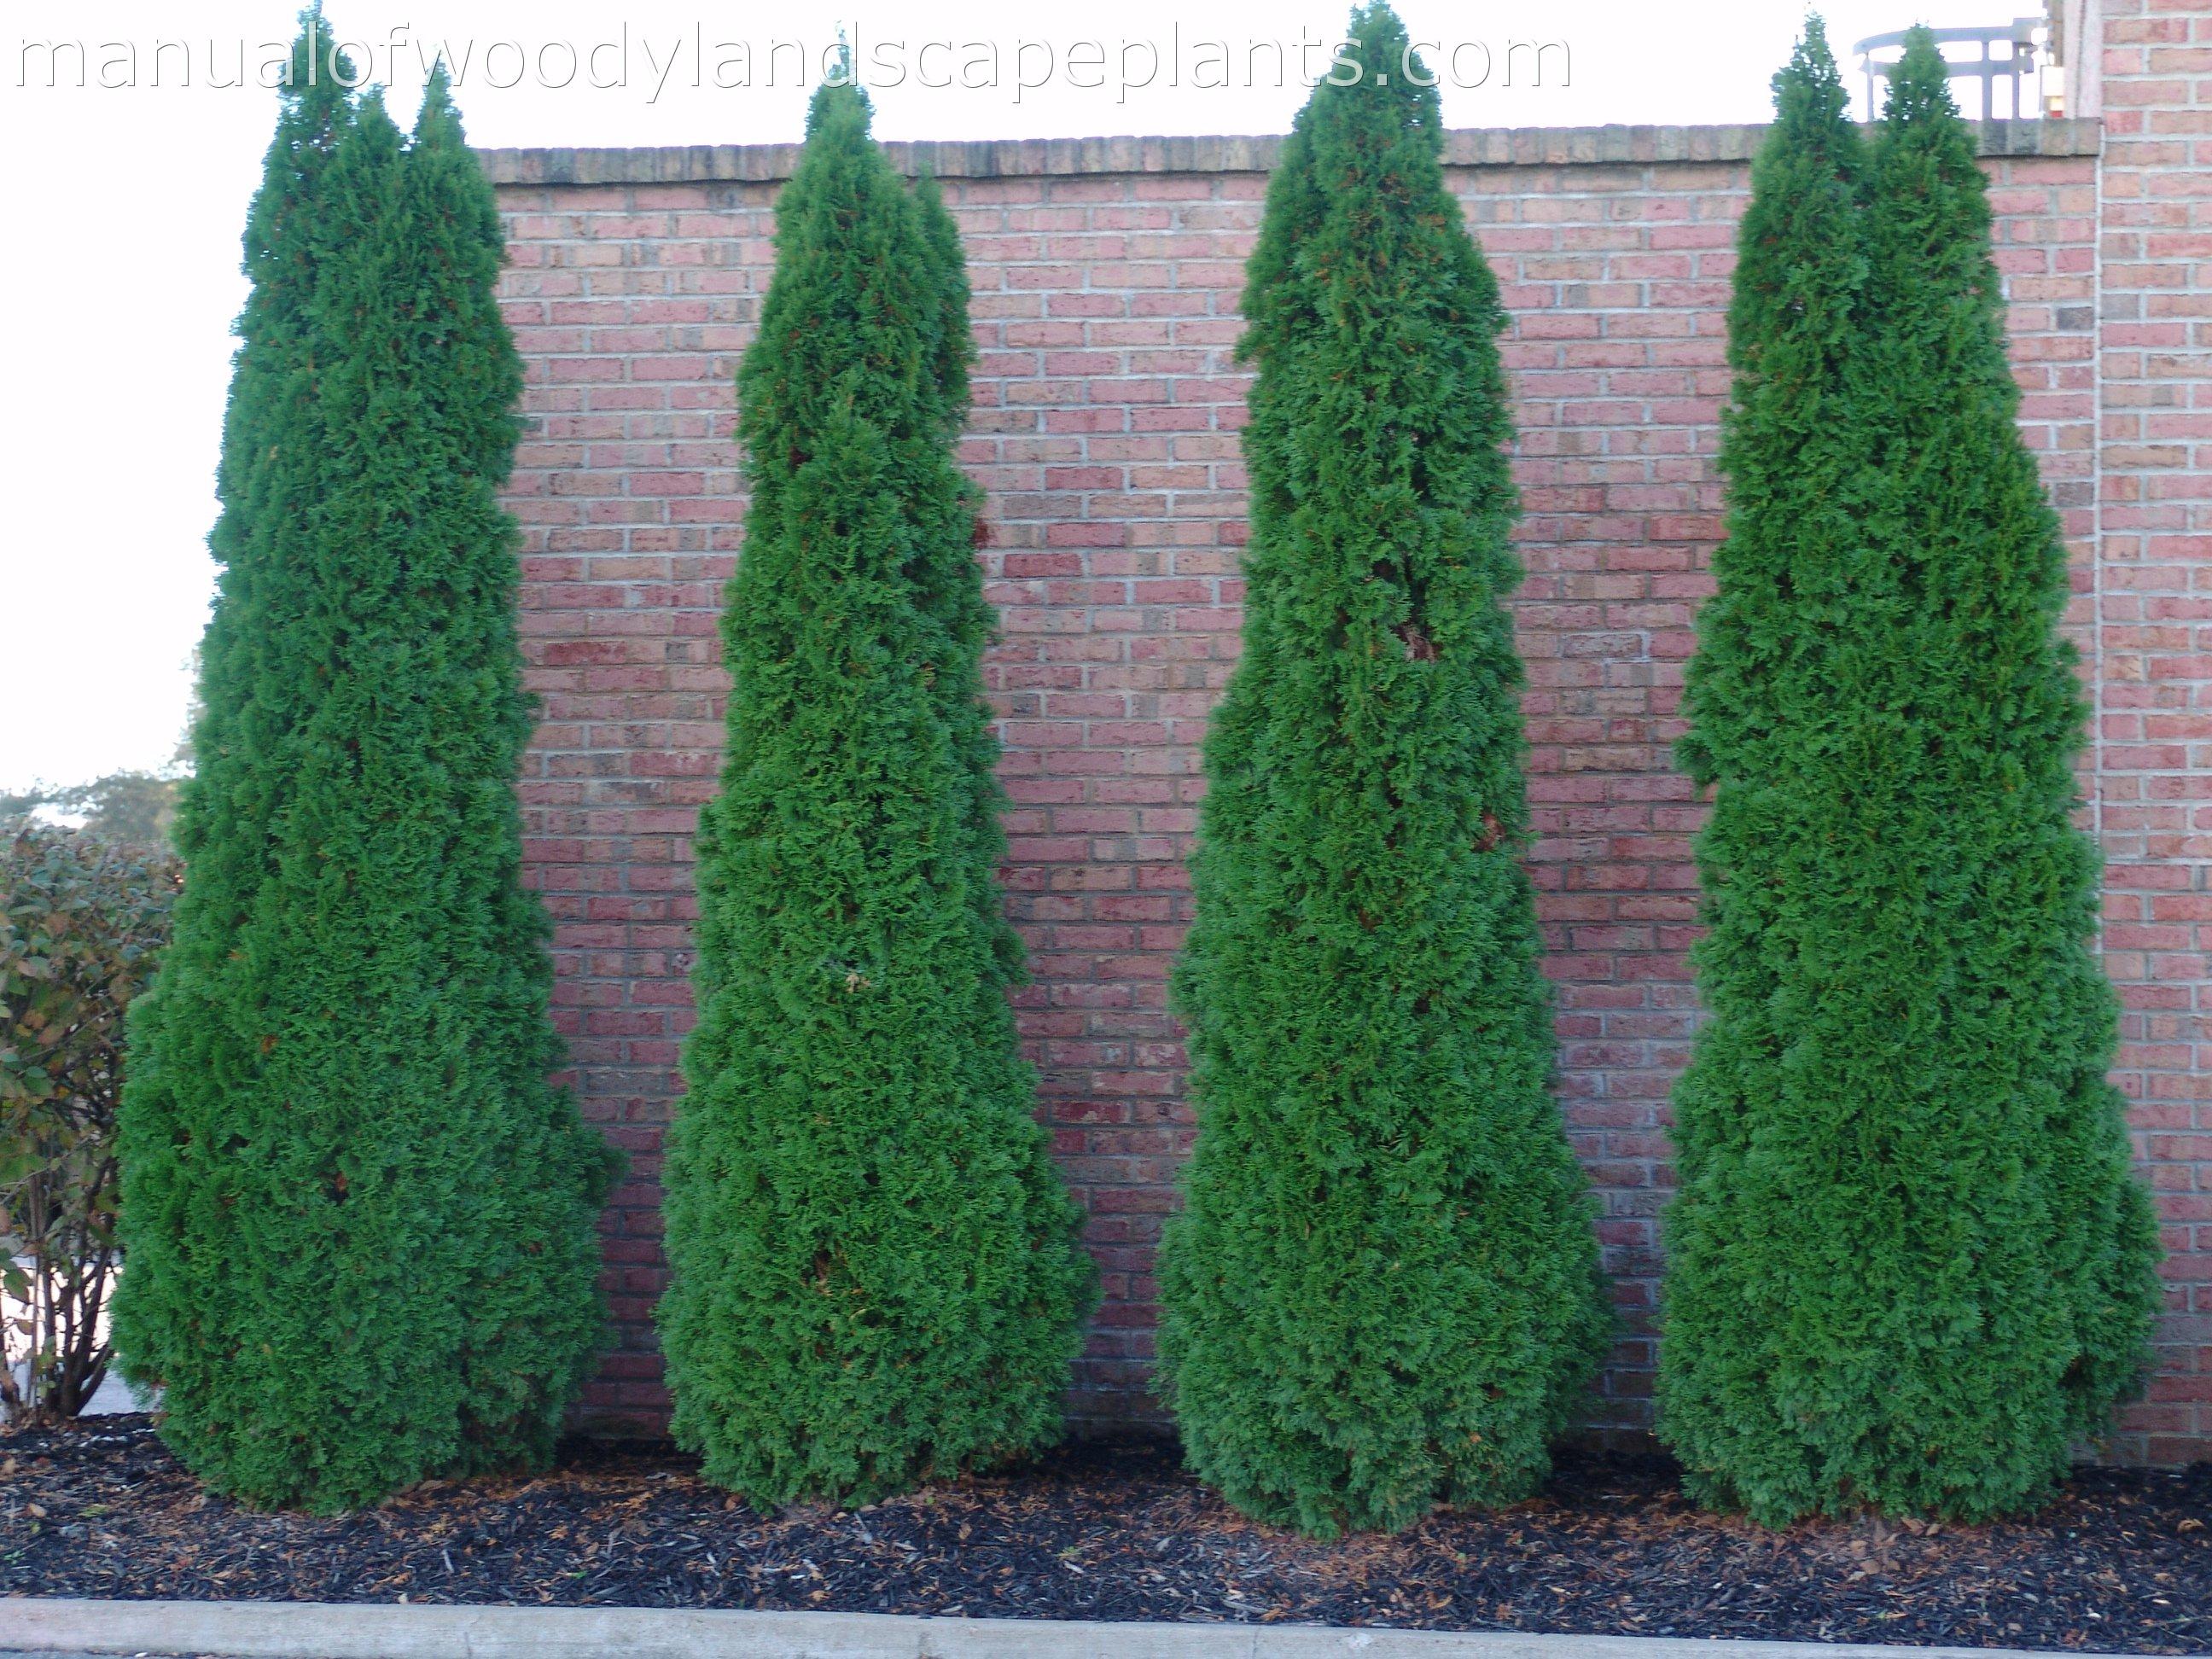 Arborvitae For Sale